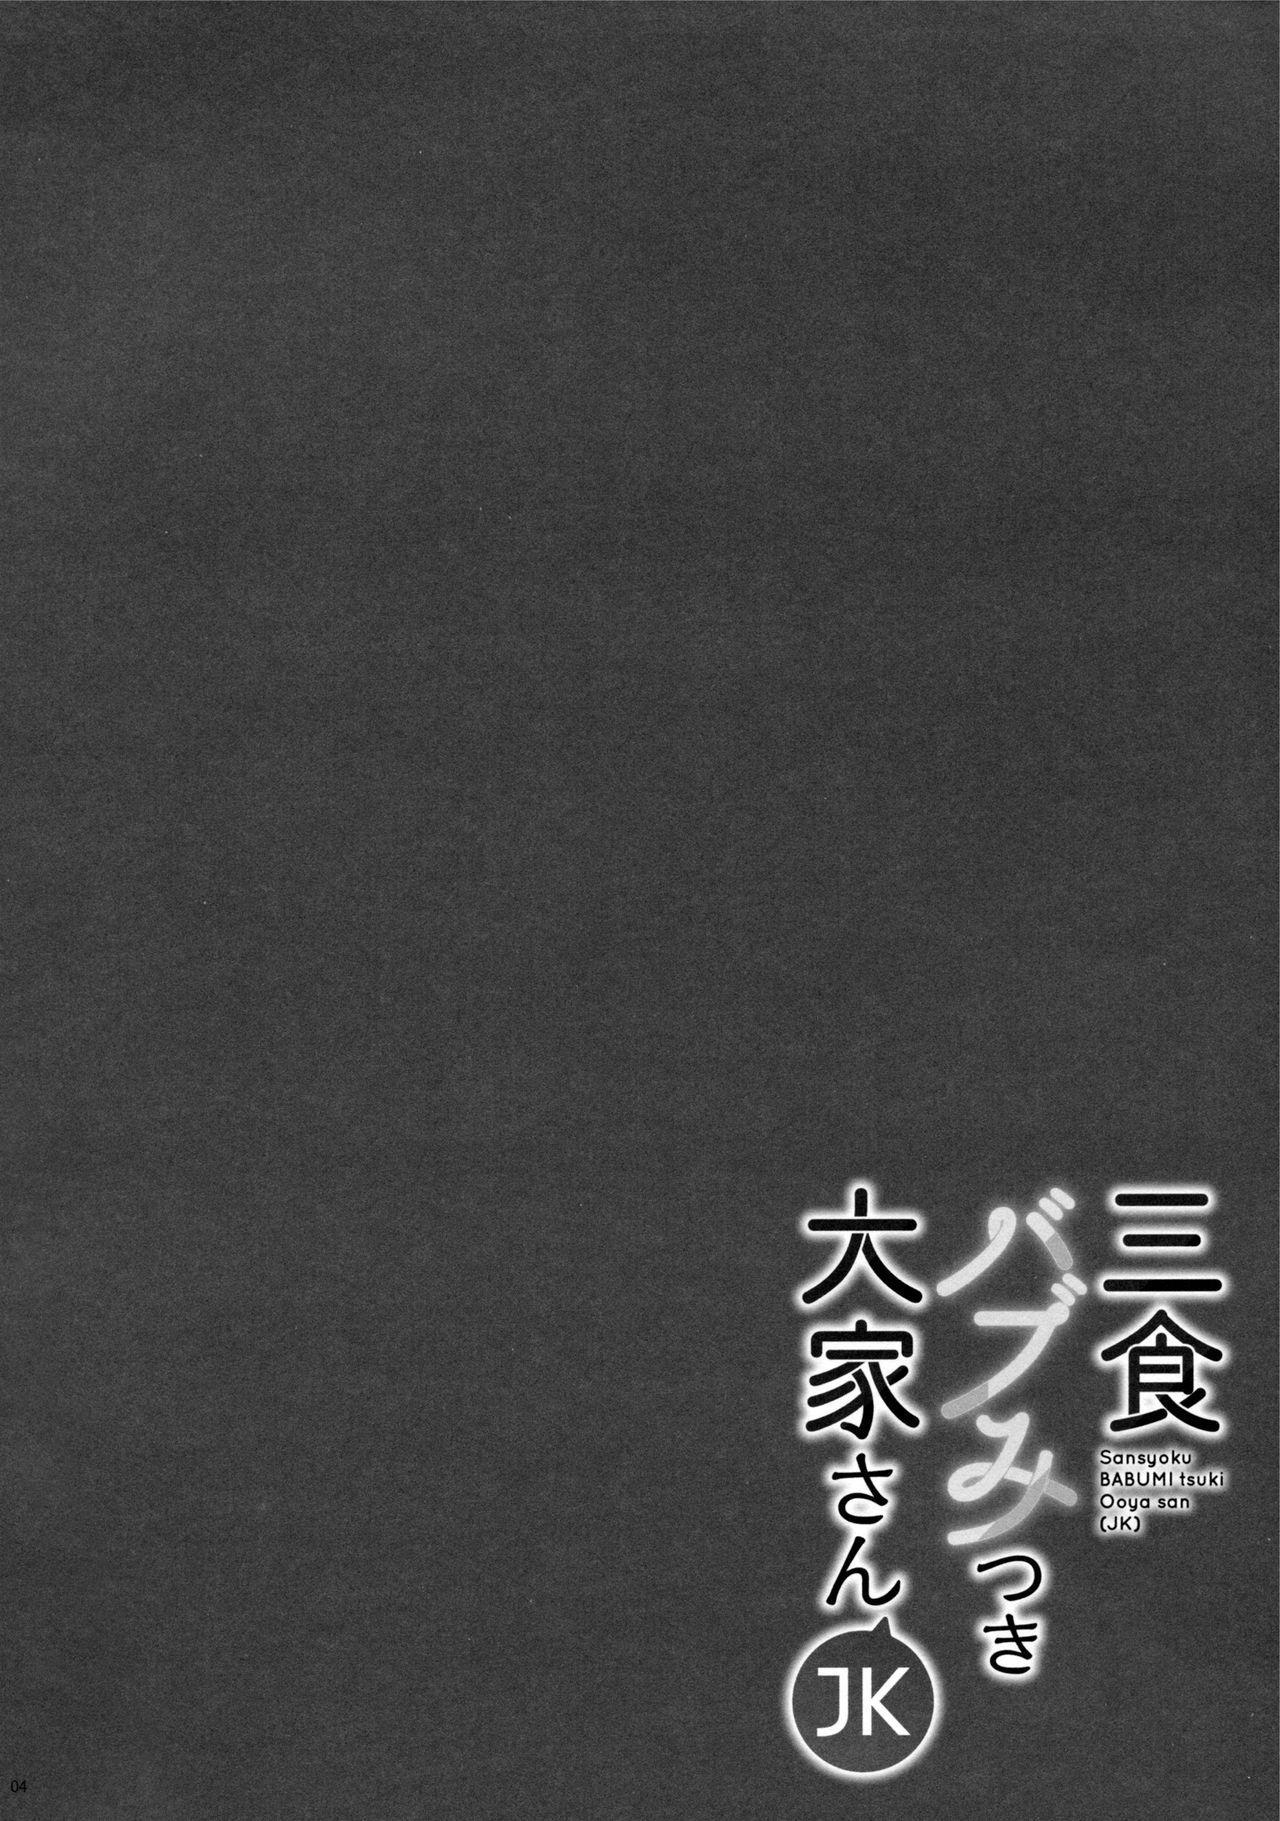 Sansyoku BABUMI tsuki Ooya San 2